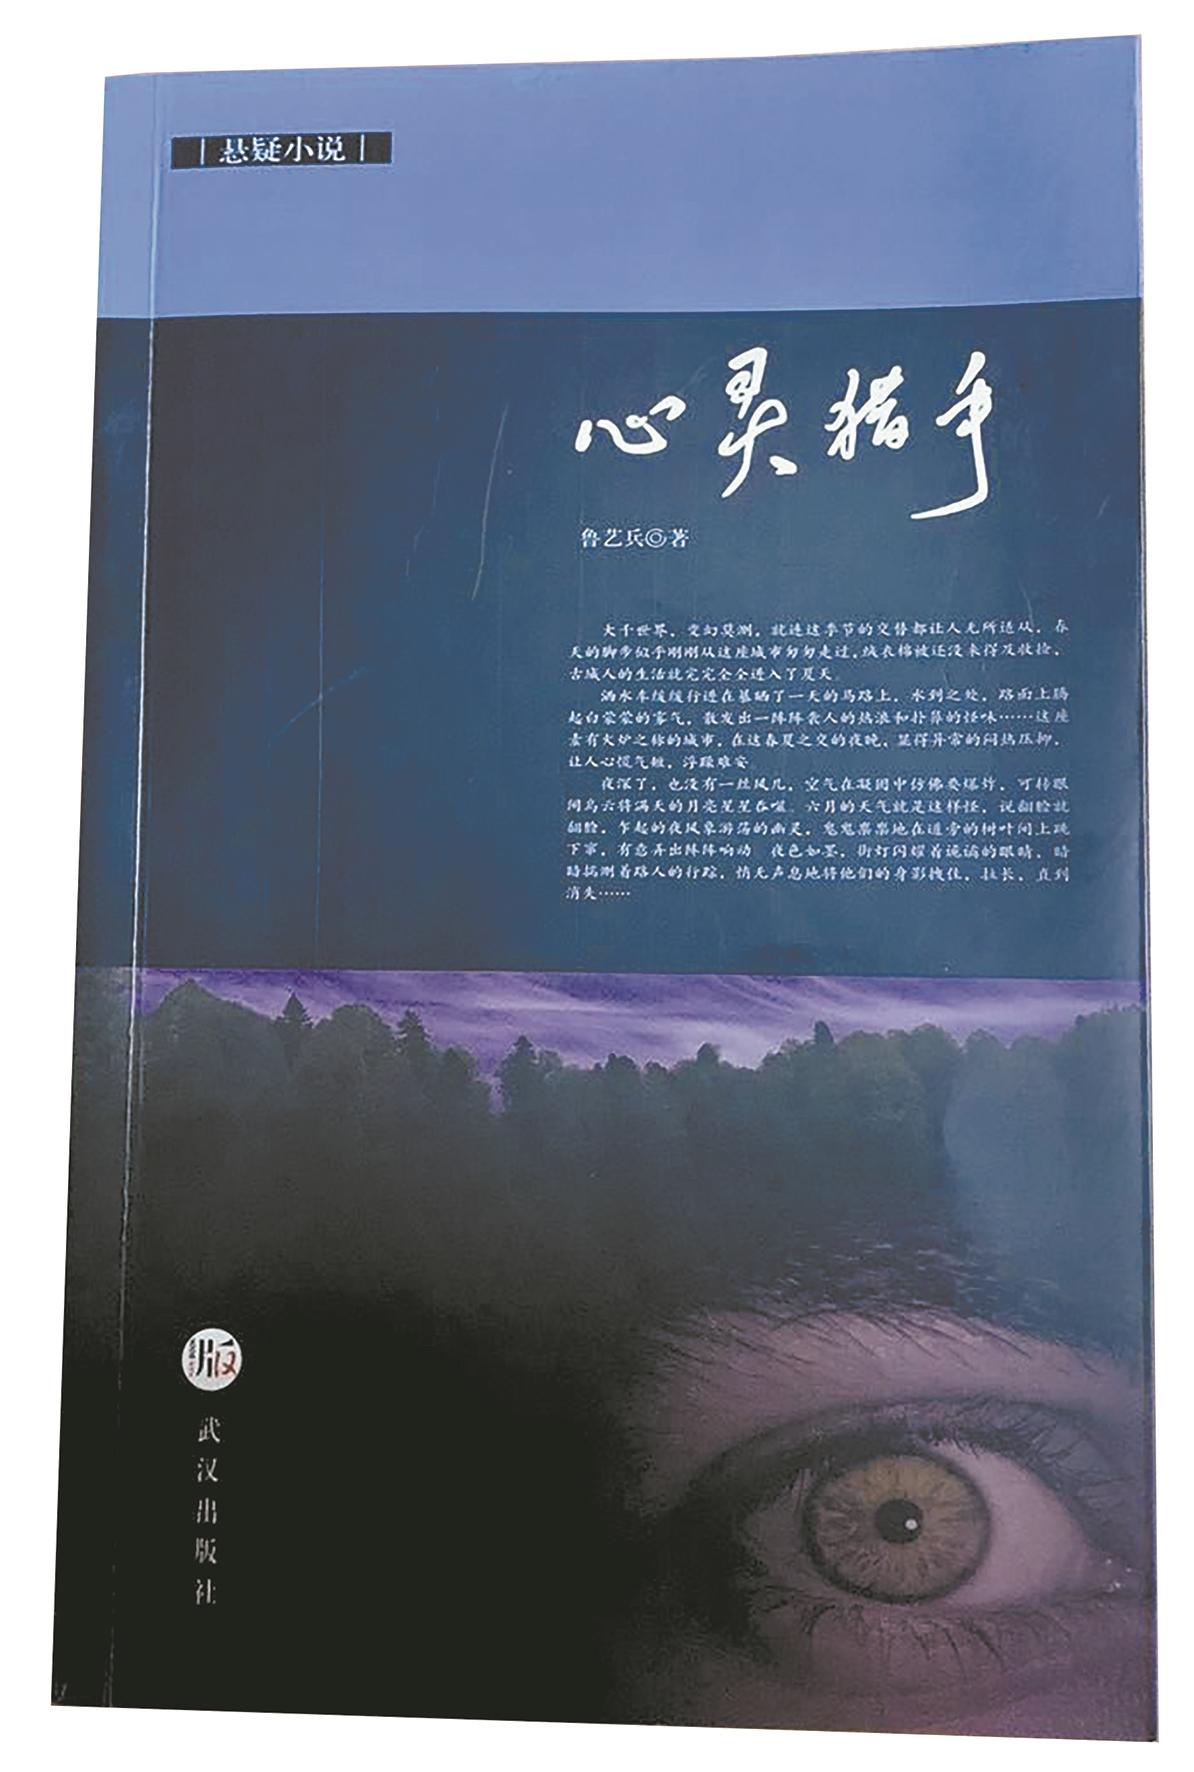 武汉警察作家著长篇悬疑小说  引网友热情追更 鲁艺兵用《心灵猎手》关爱童年教育